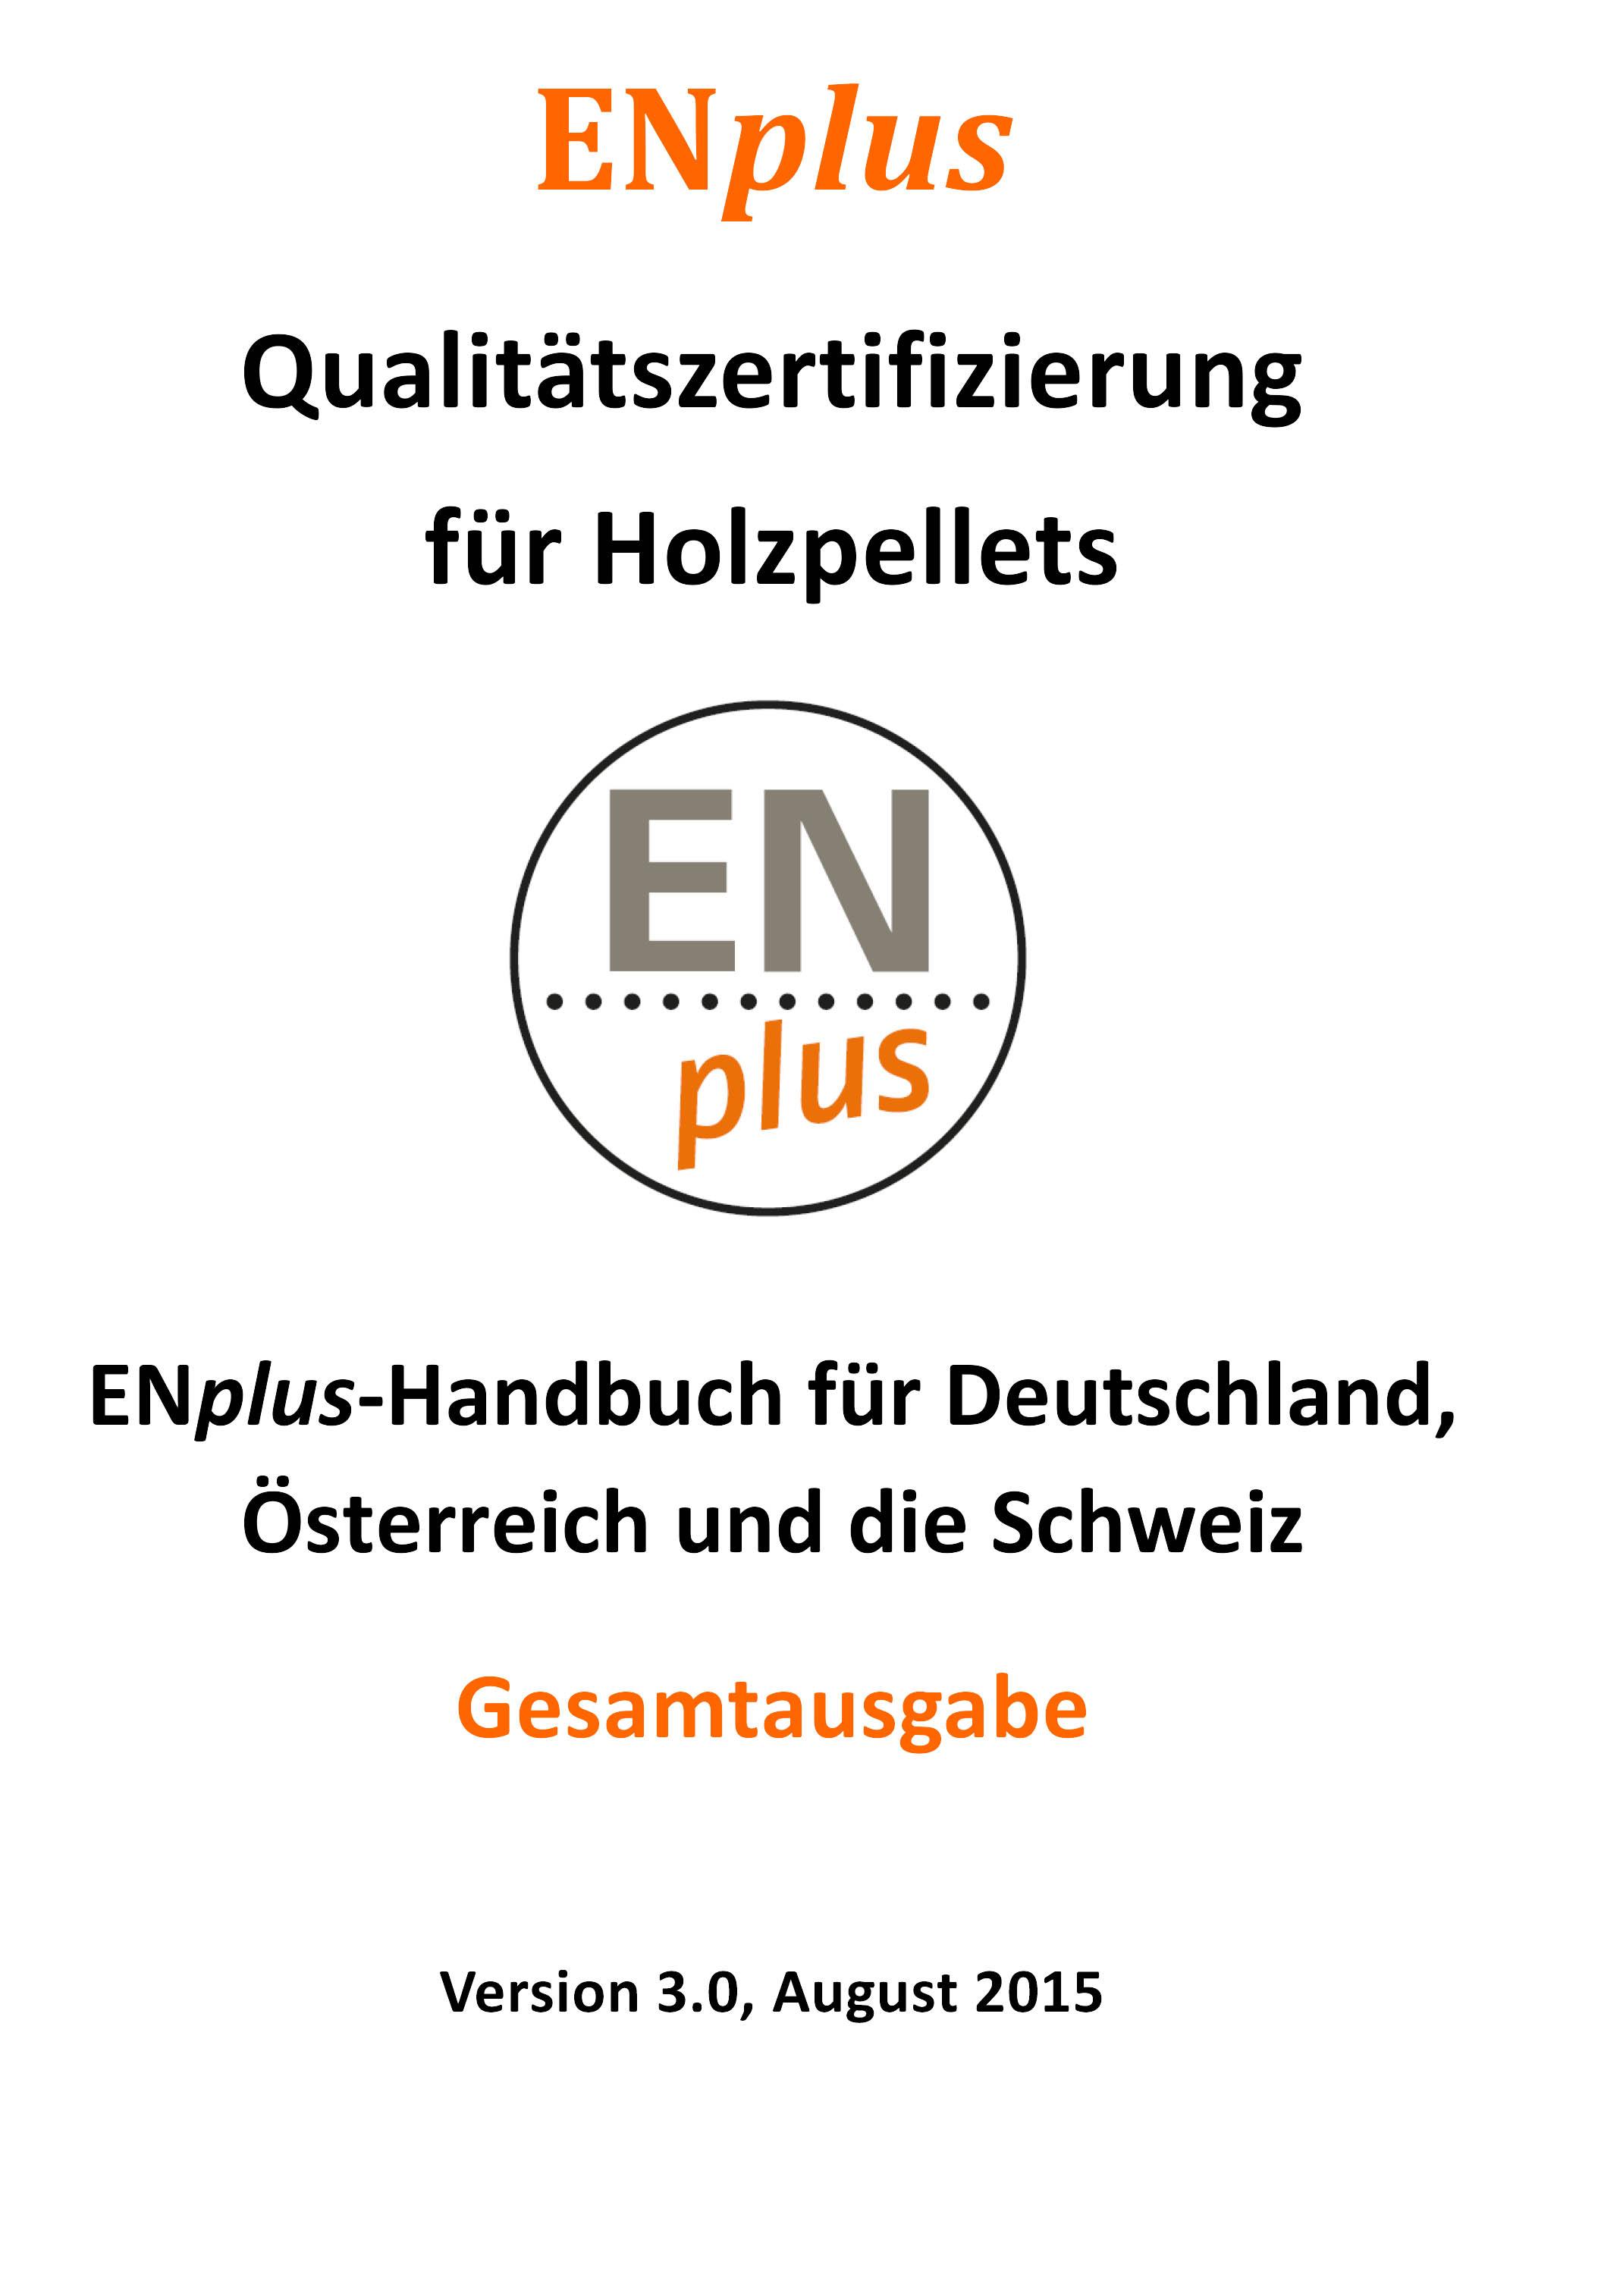 Handbuch ENplus